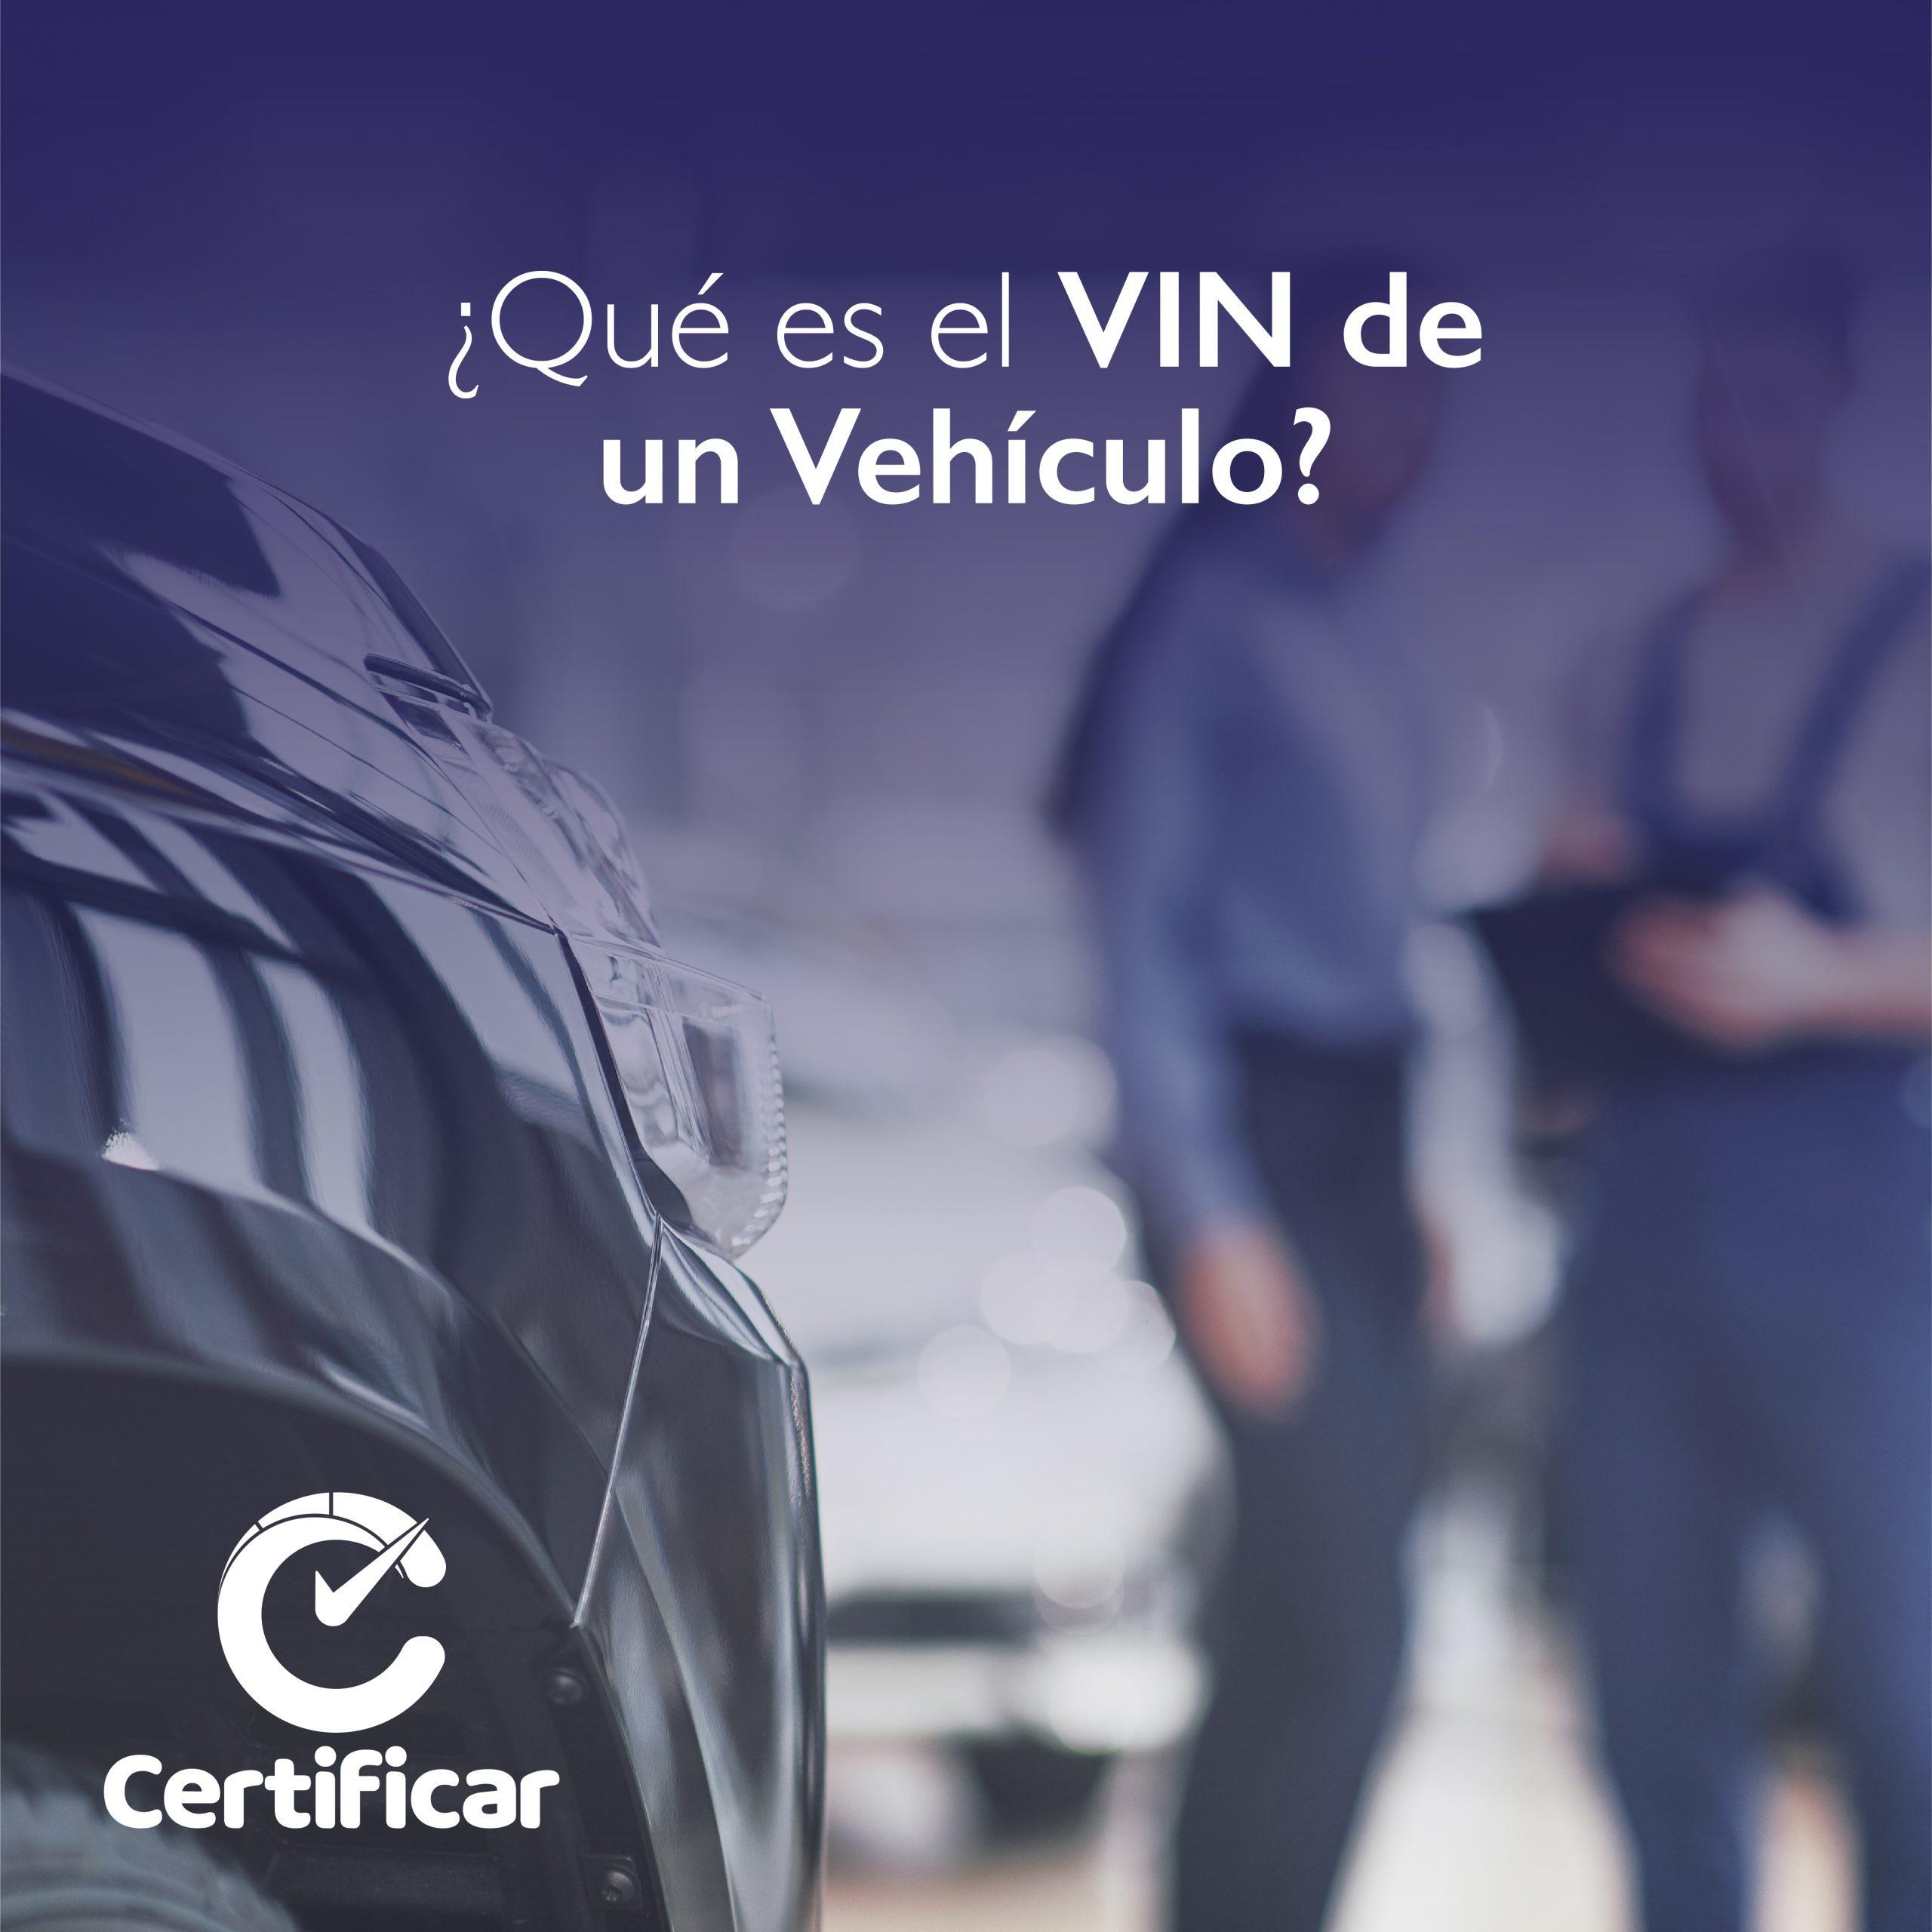 VIN de un vehiculo usado Certificar